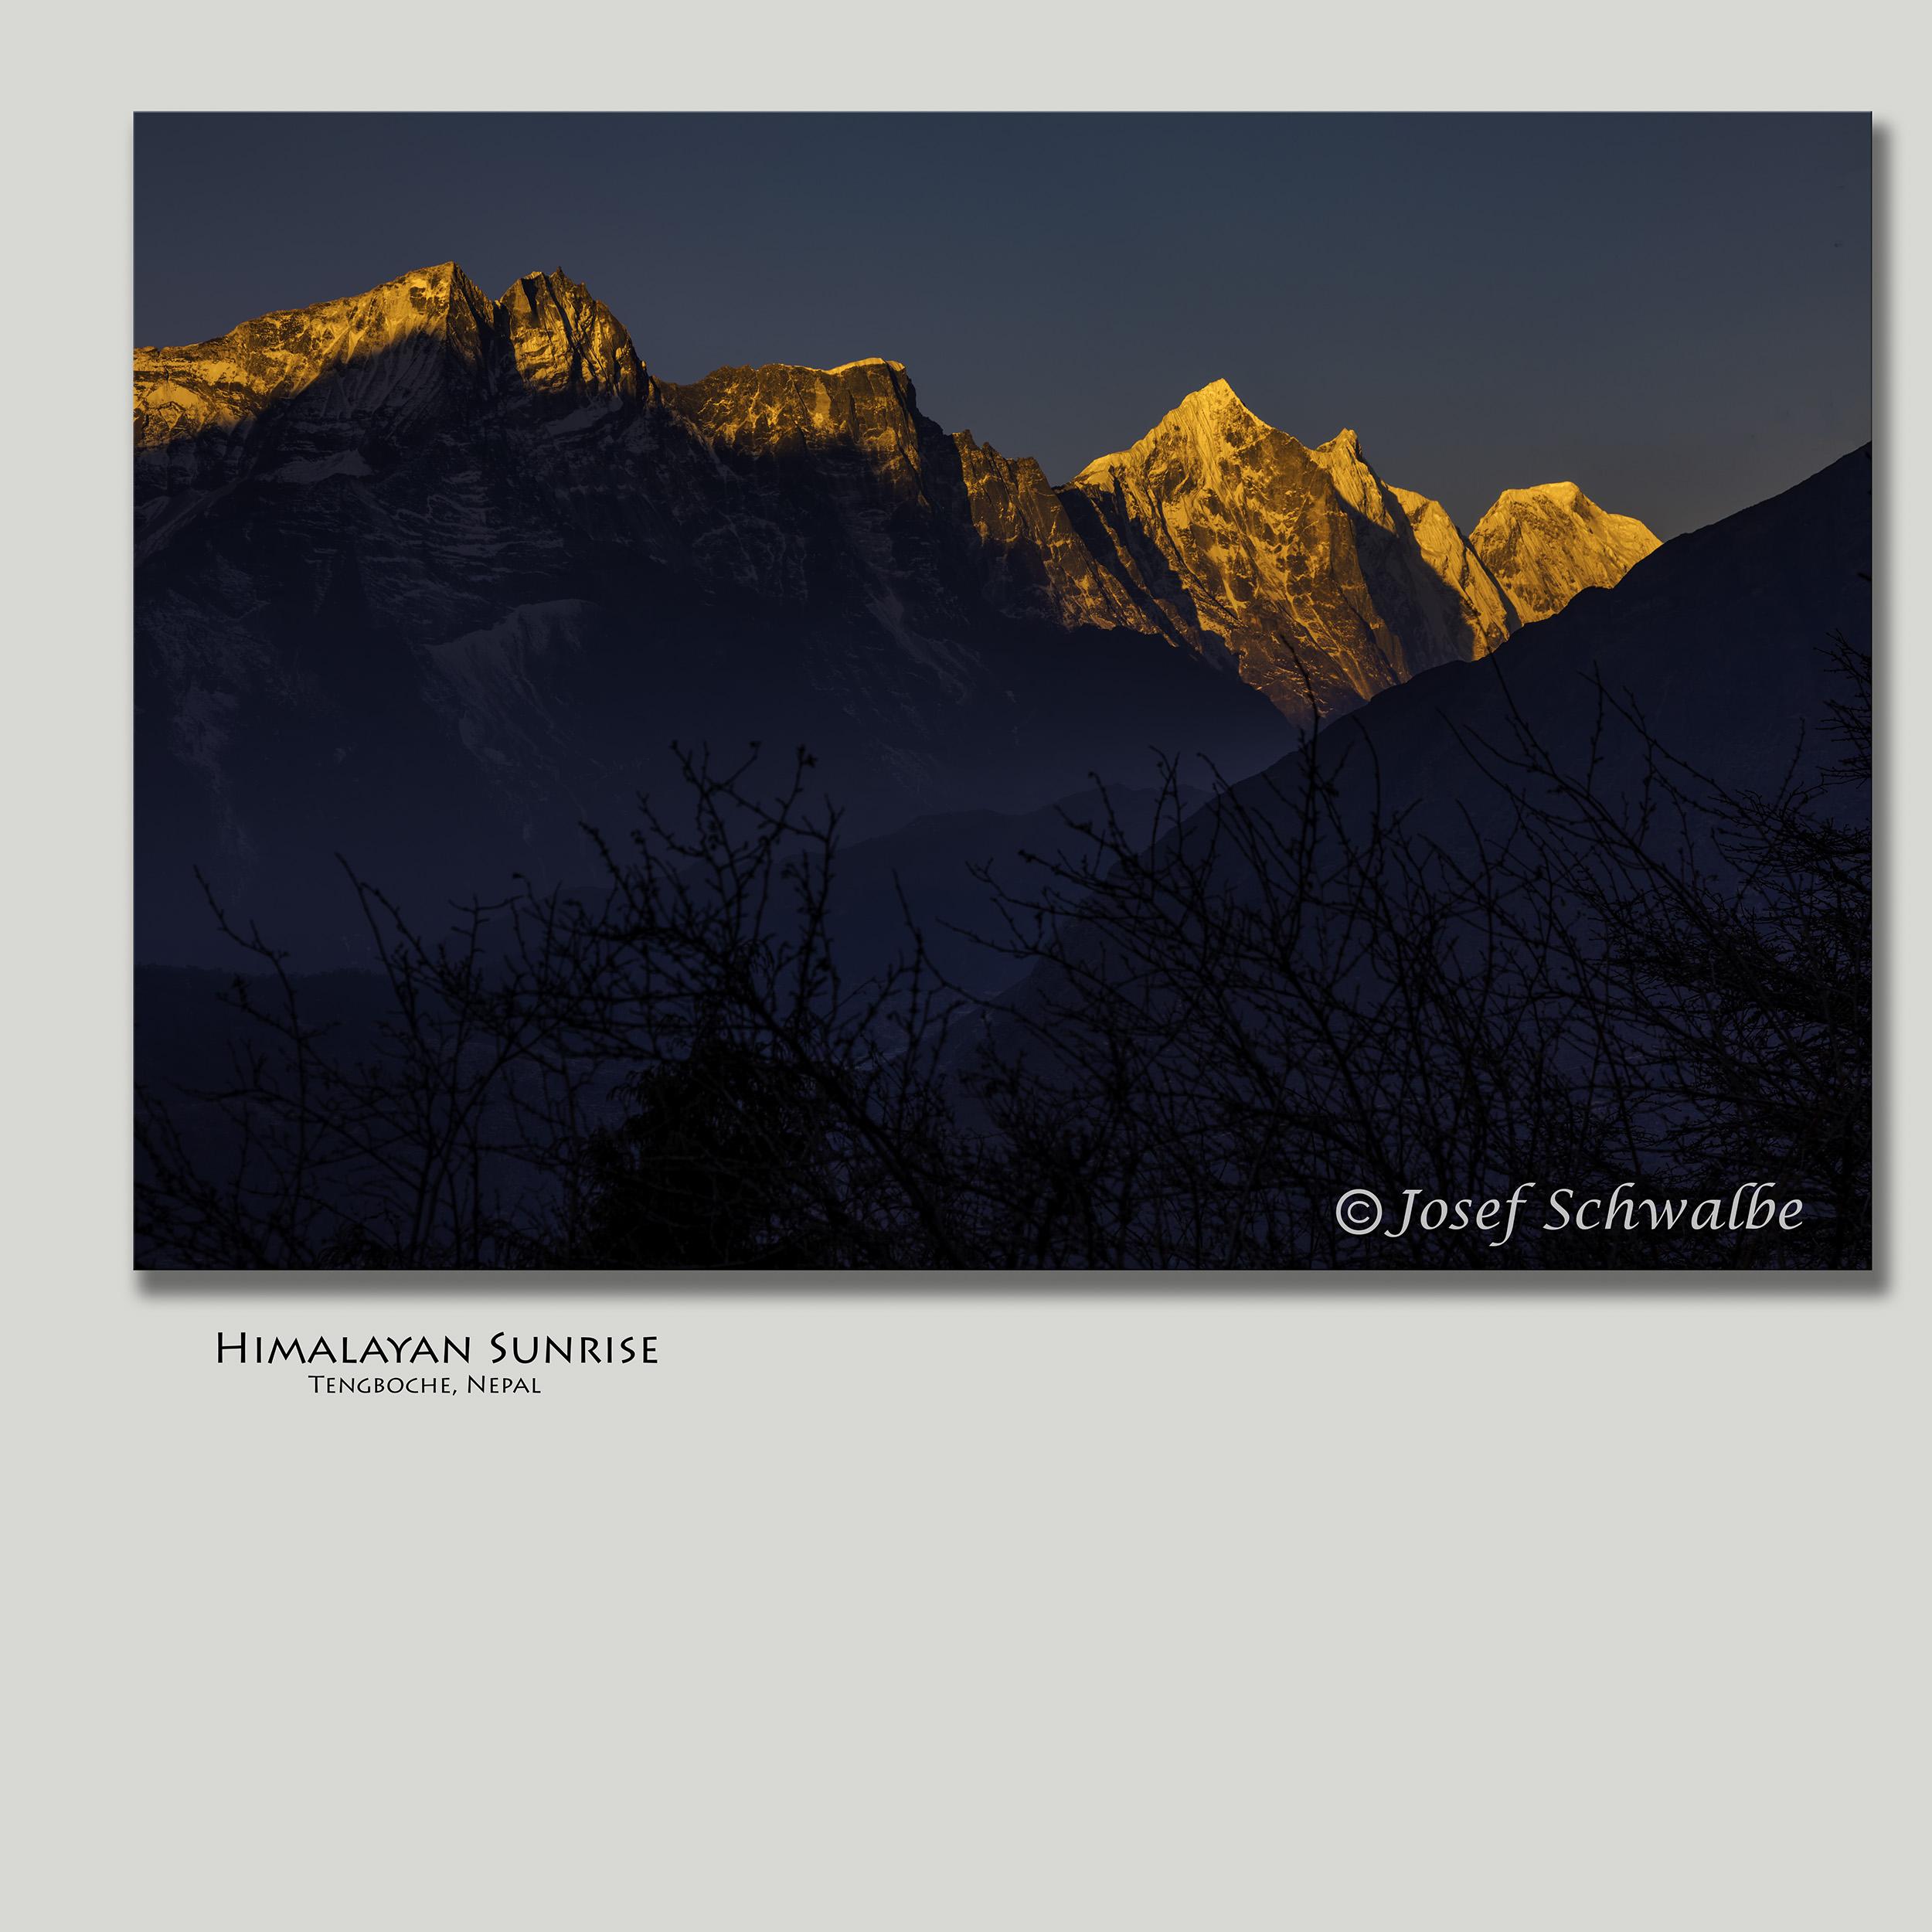 HimalayanSunrise.jpg